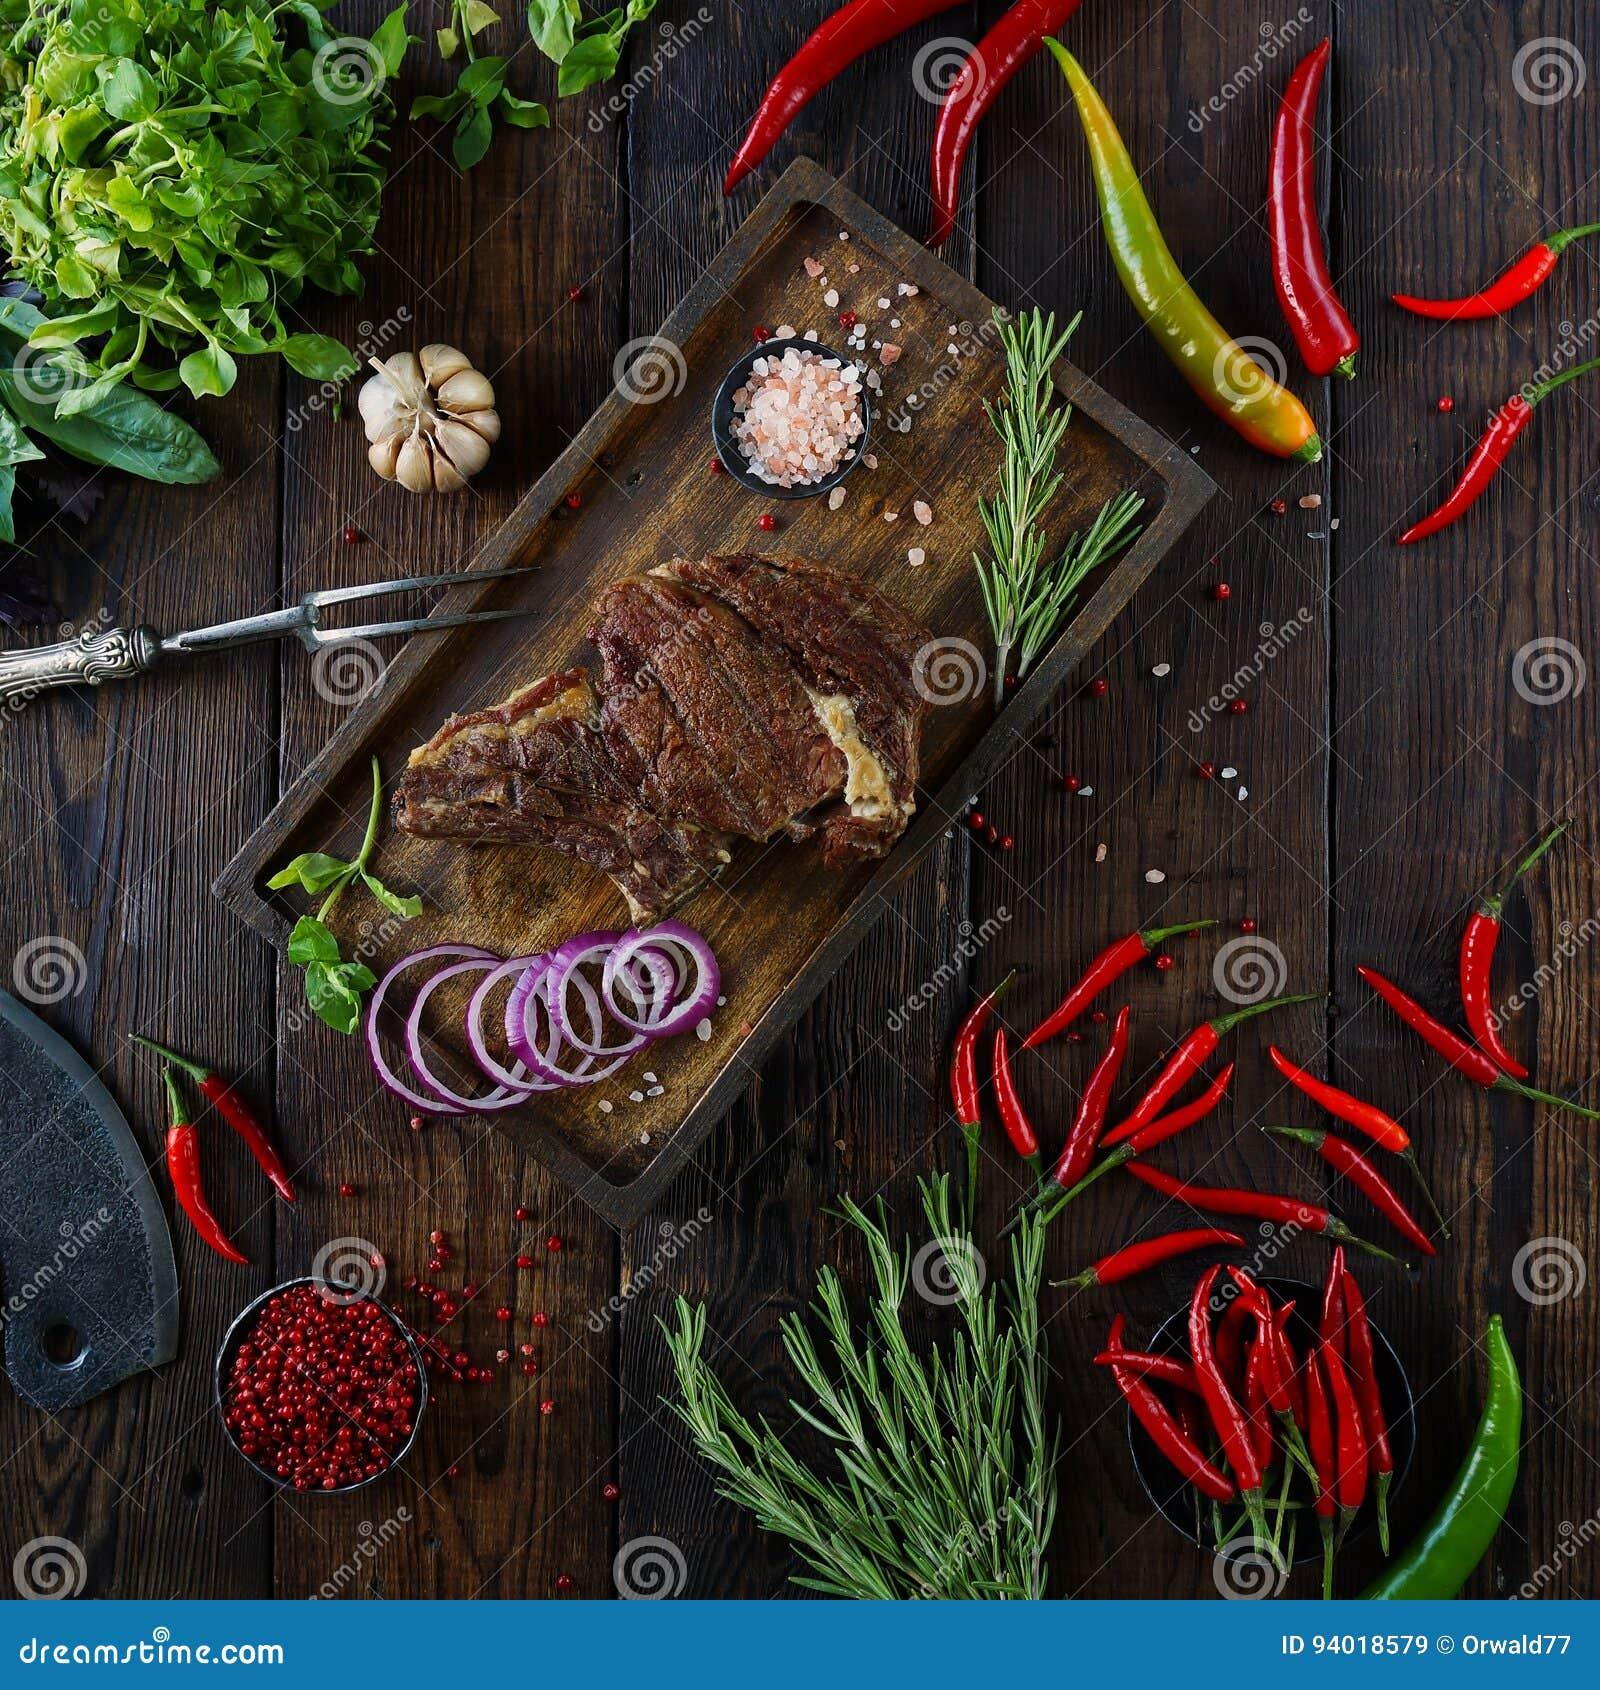 Ψημένο κρέας με τα κρεμμύδια, το σκόρδο, τα καρυκεύματα, τα φρέσκα χορτάρια, το κόκκινο πιπέρι και το αλάτι